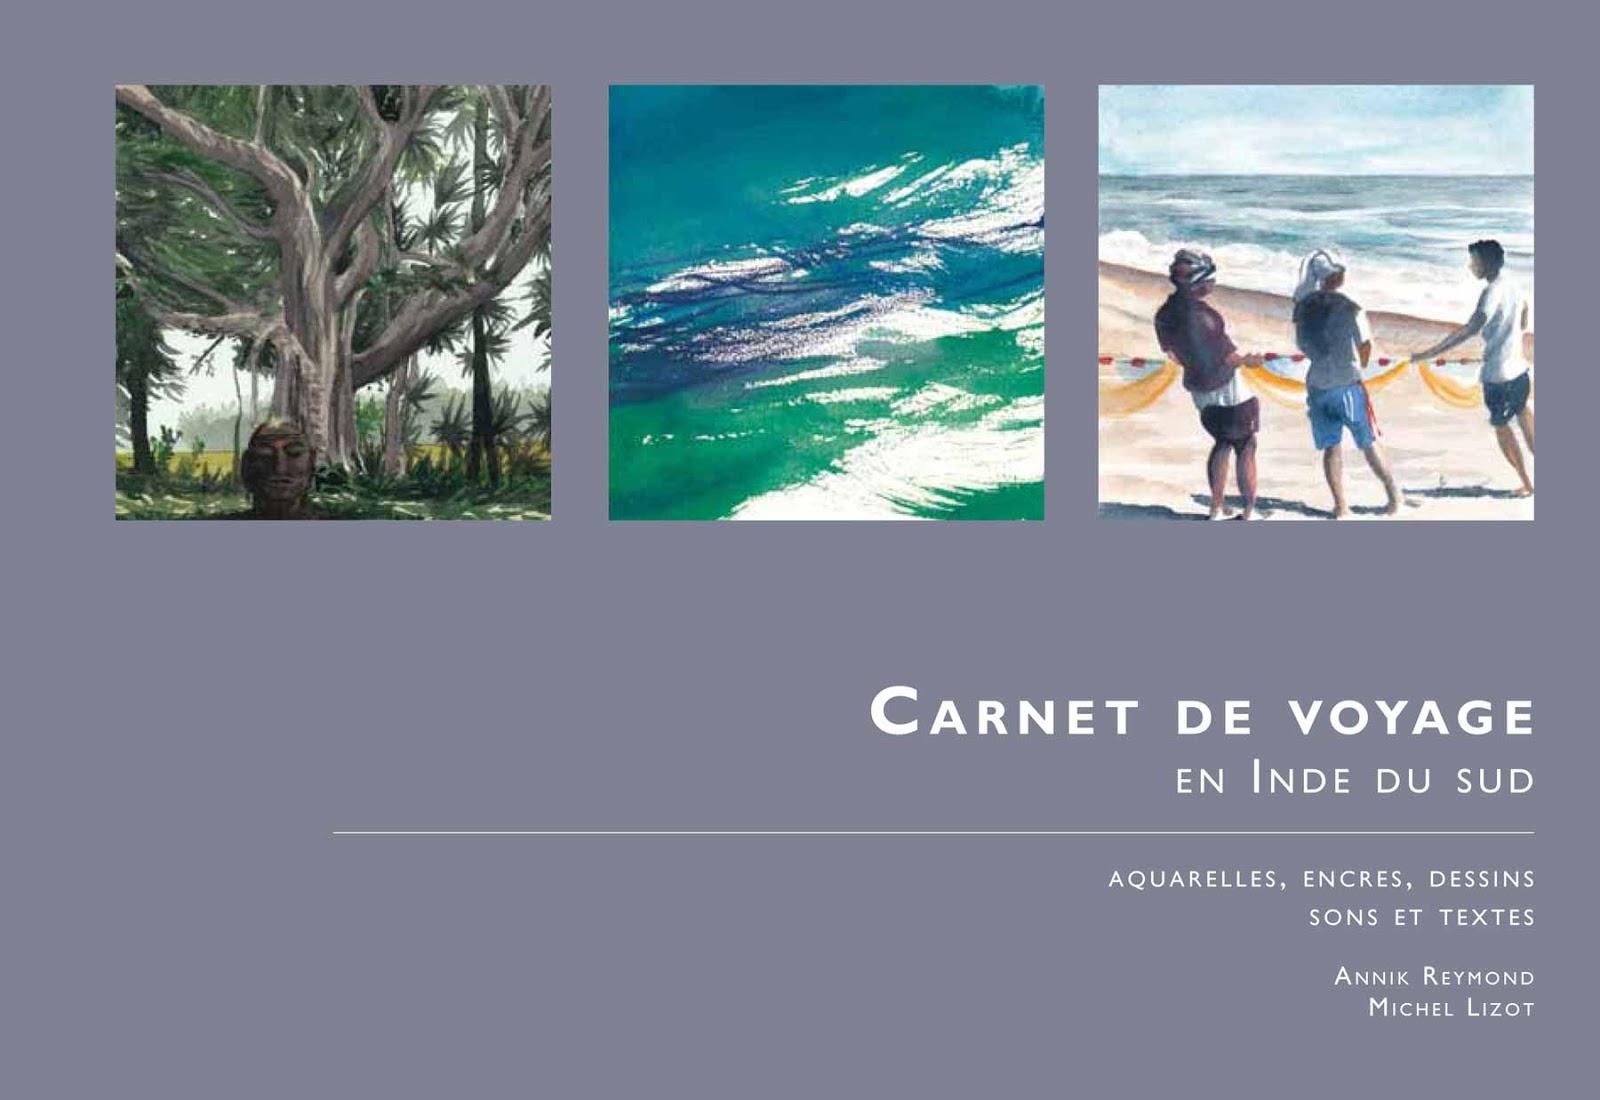 Carnet de voyage en Inde du Sud - Annik Reymond Michel Lizot